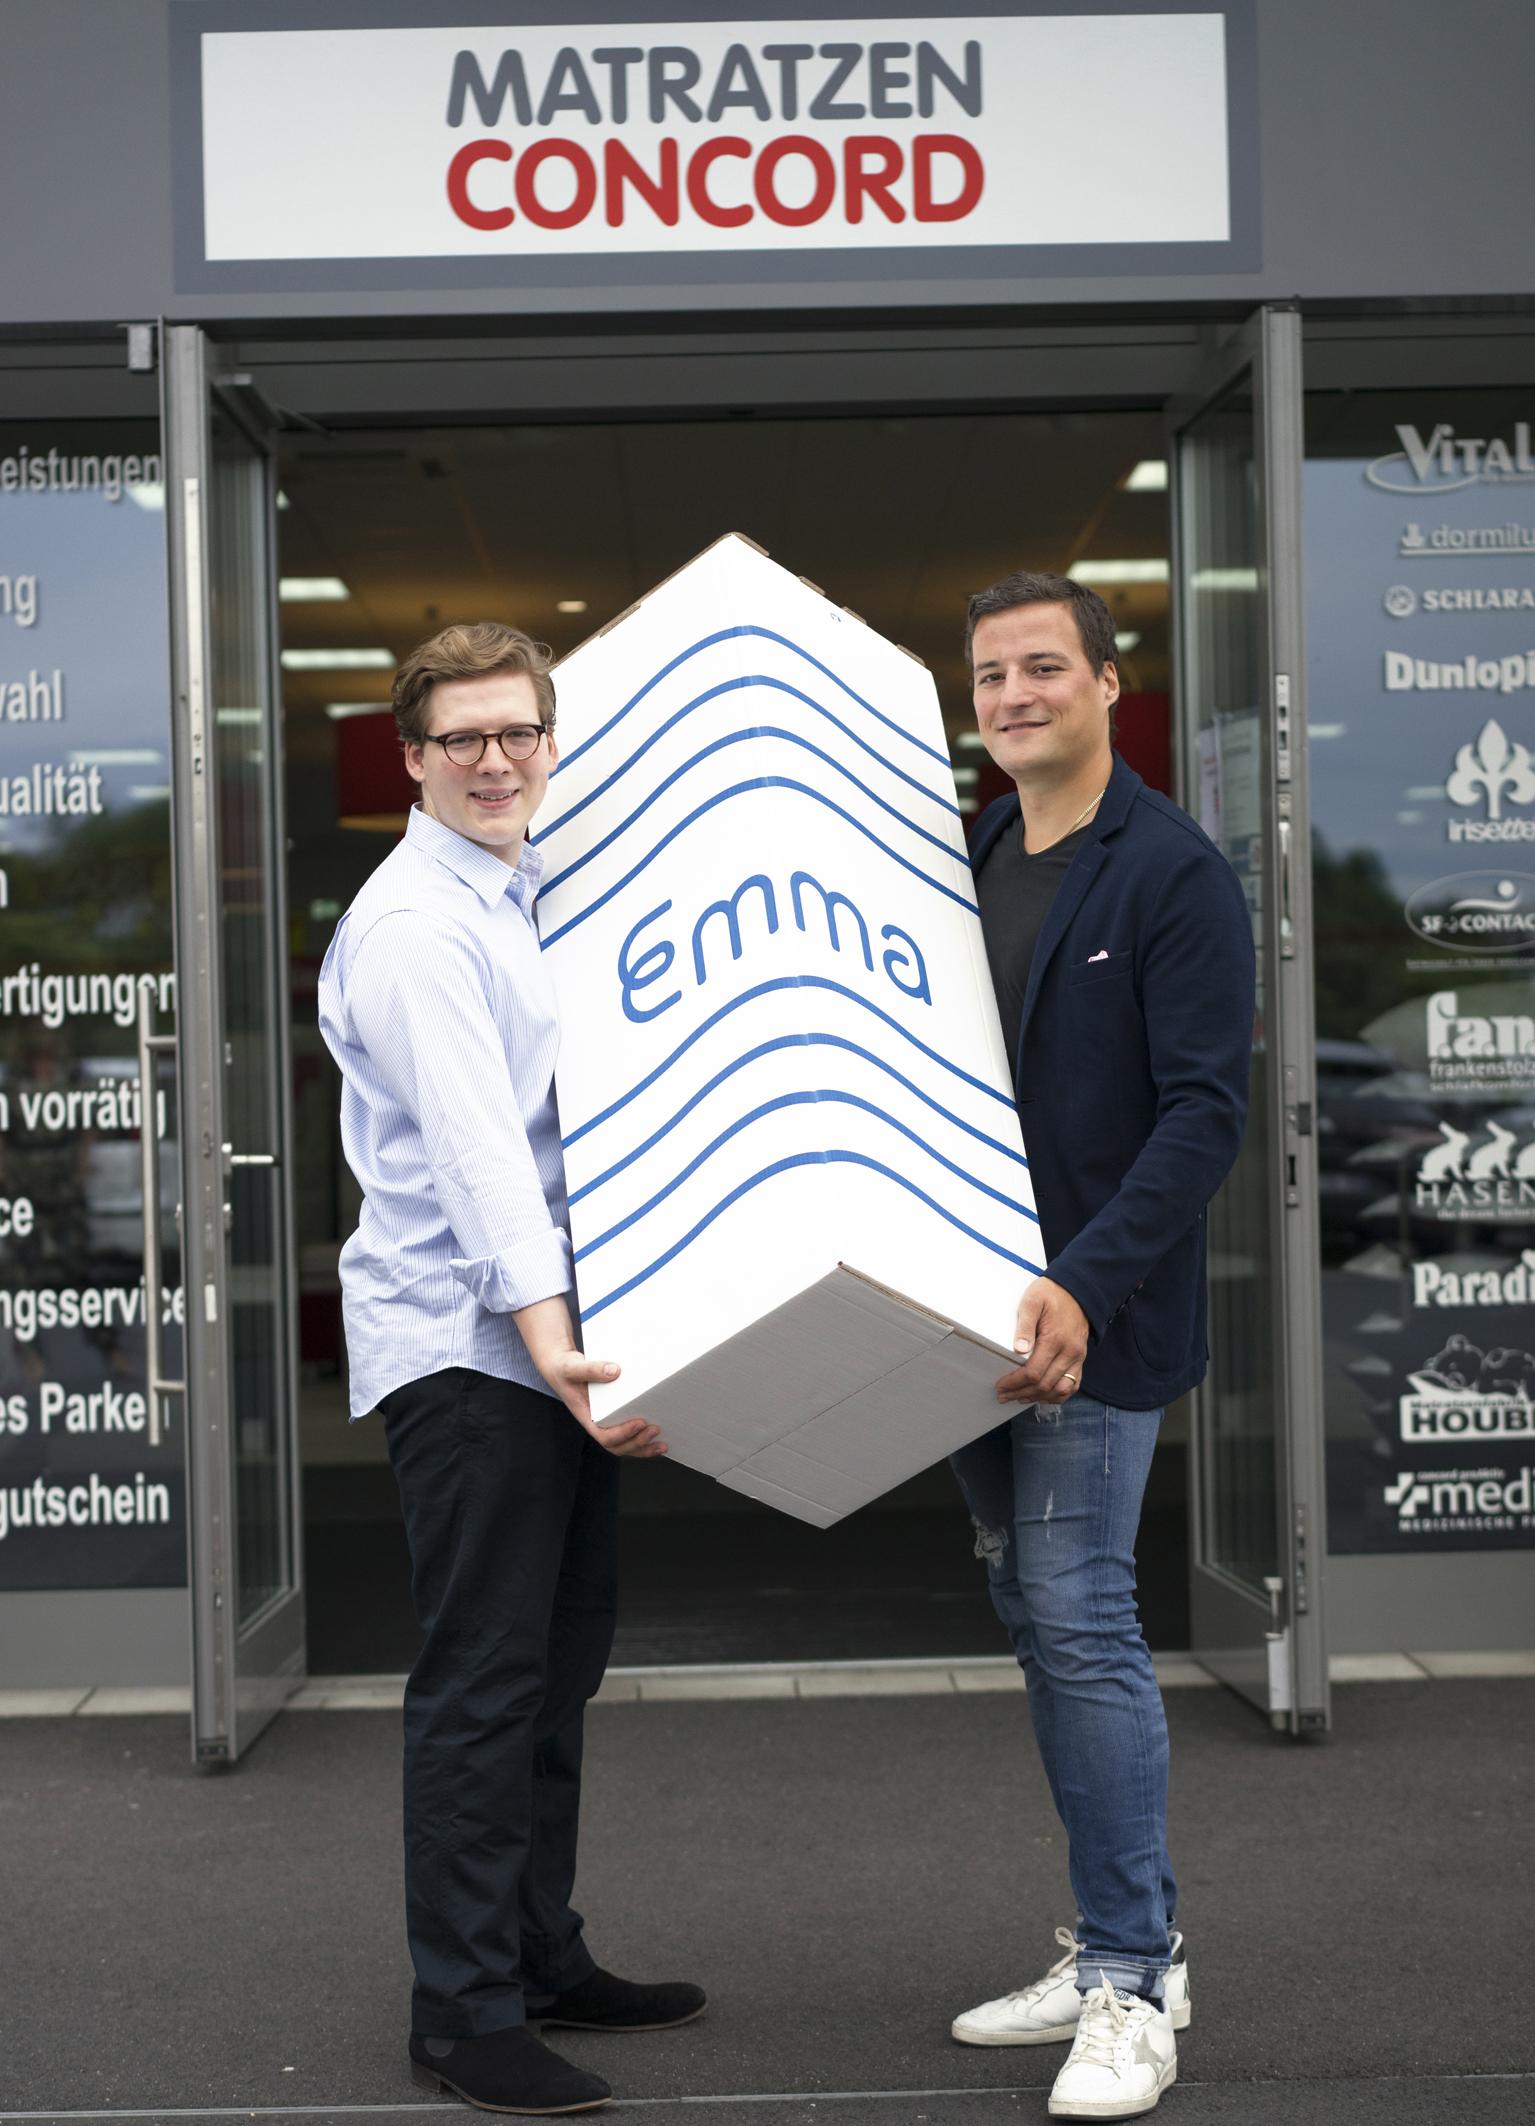 Max Laarmann Geschäftsführer Emma Matratzen (li.) und Marcus Diekmann Matratzen Concord (re.).jpg